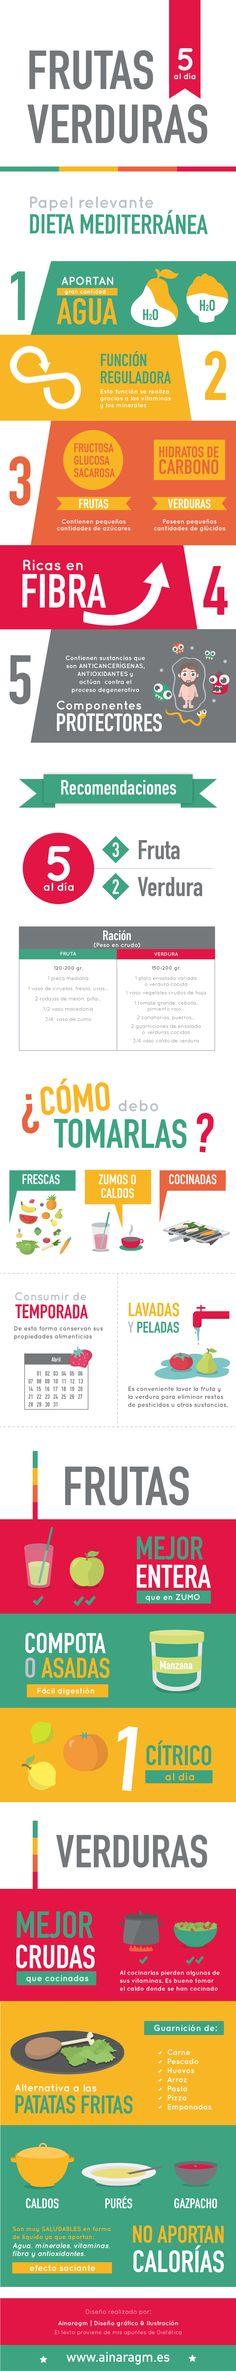 importancia de las frutas y las verduras en nuestra alimentación